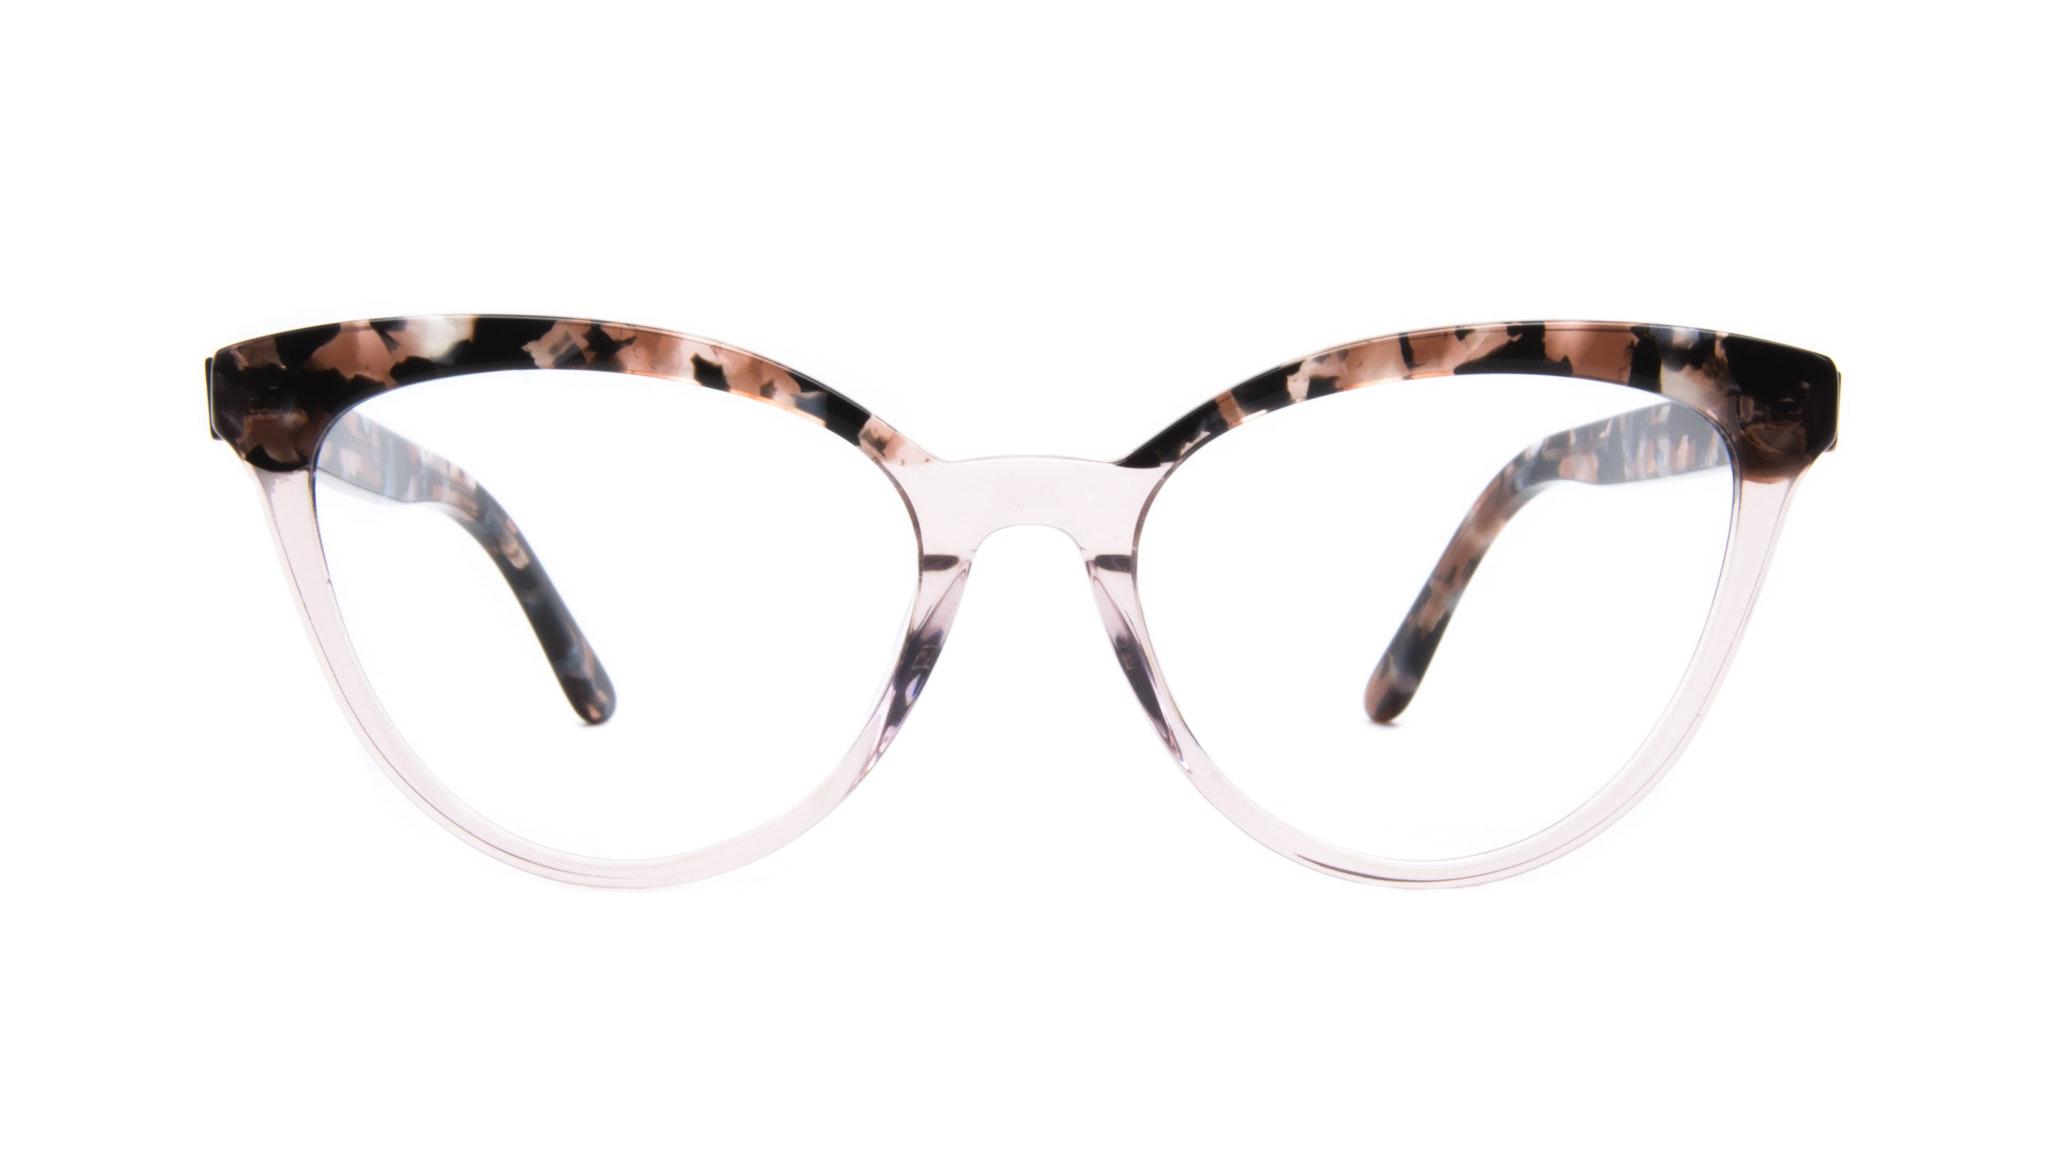 Lunettes tendance Oeil de chat Optiques Femmes Reverie Rose Tort